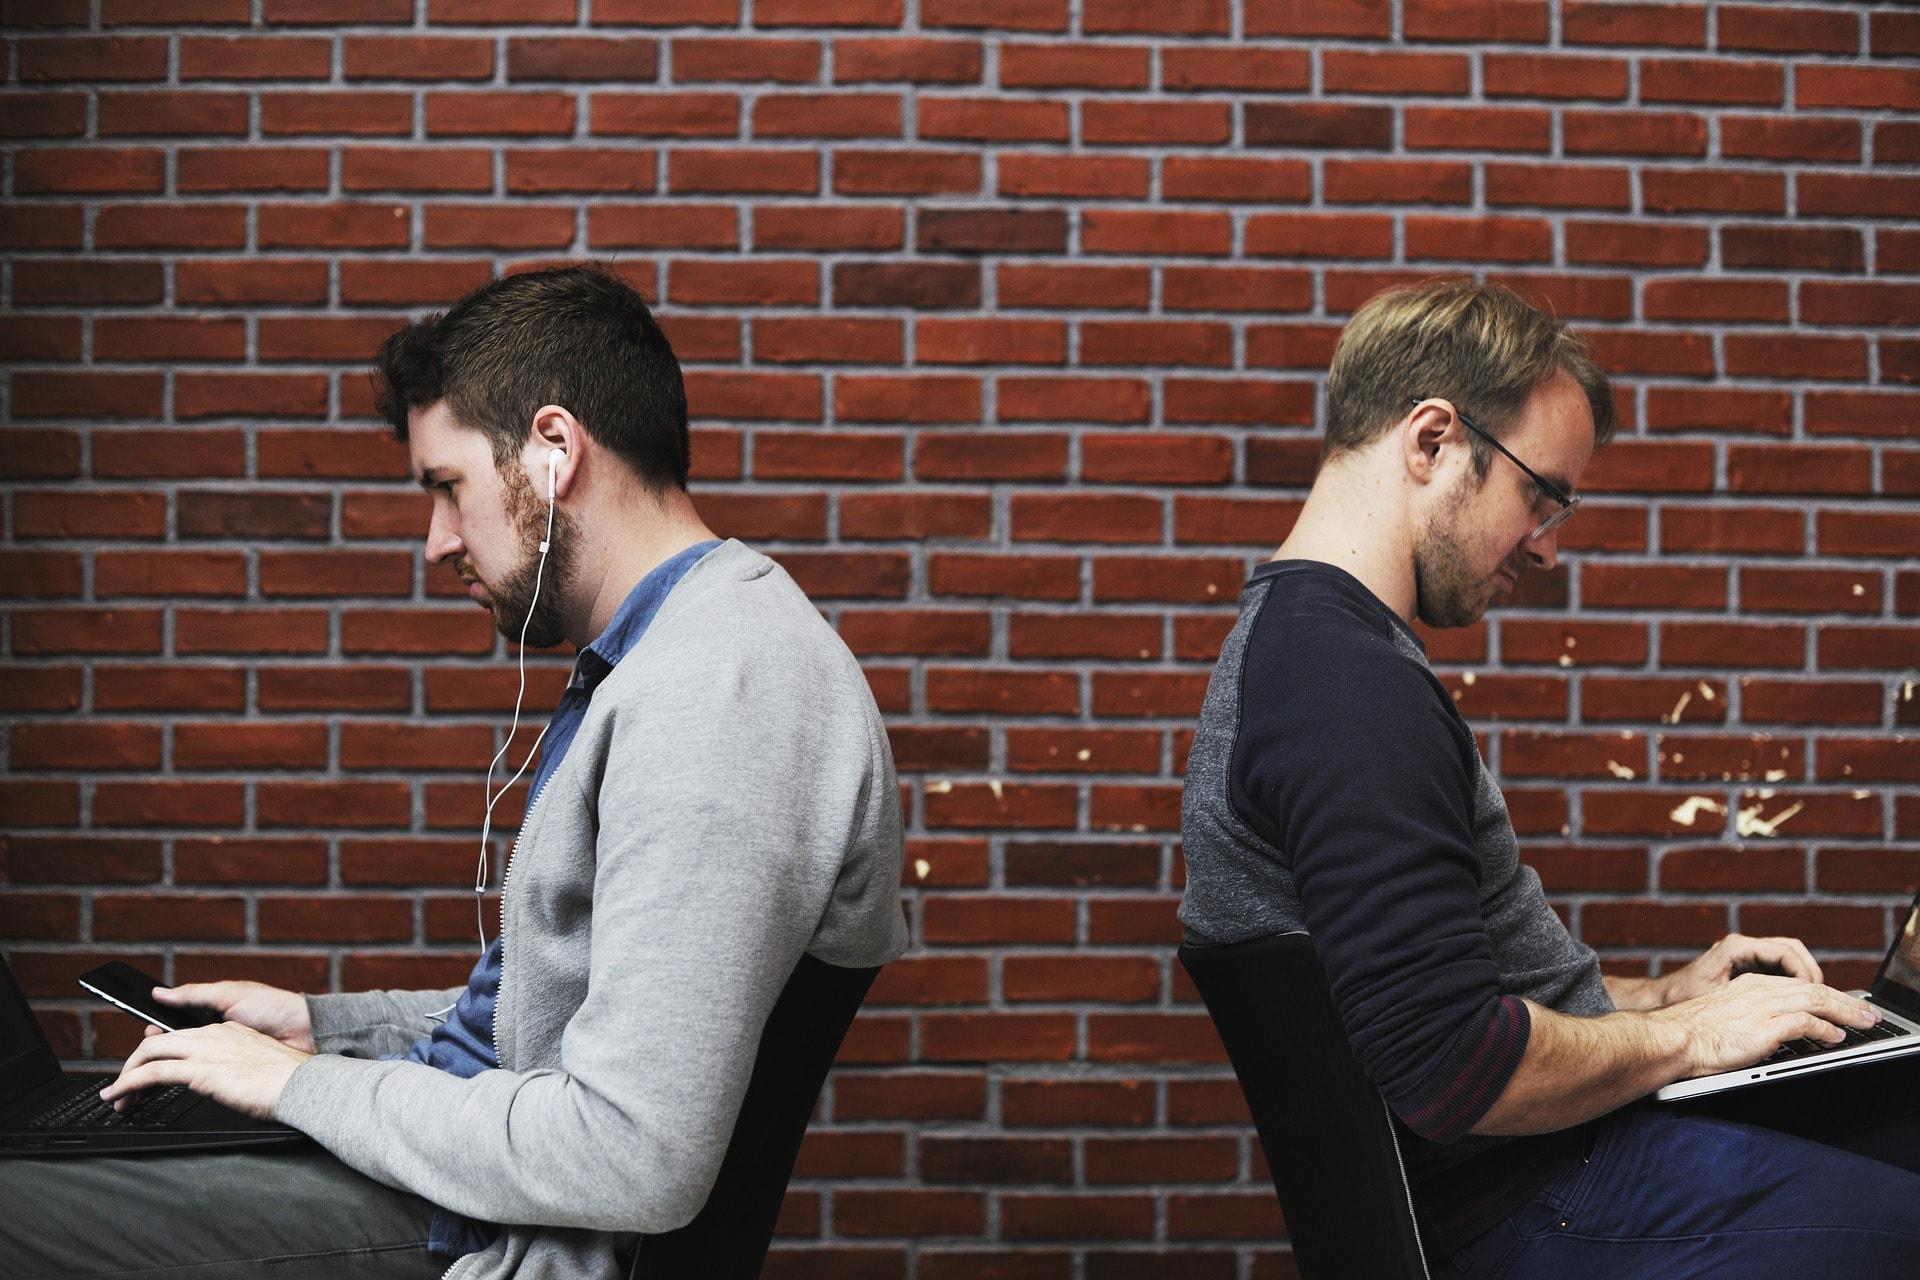 מהן שפות התכנות שכדאי לכם ללמוד בטווח הארוך?